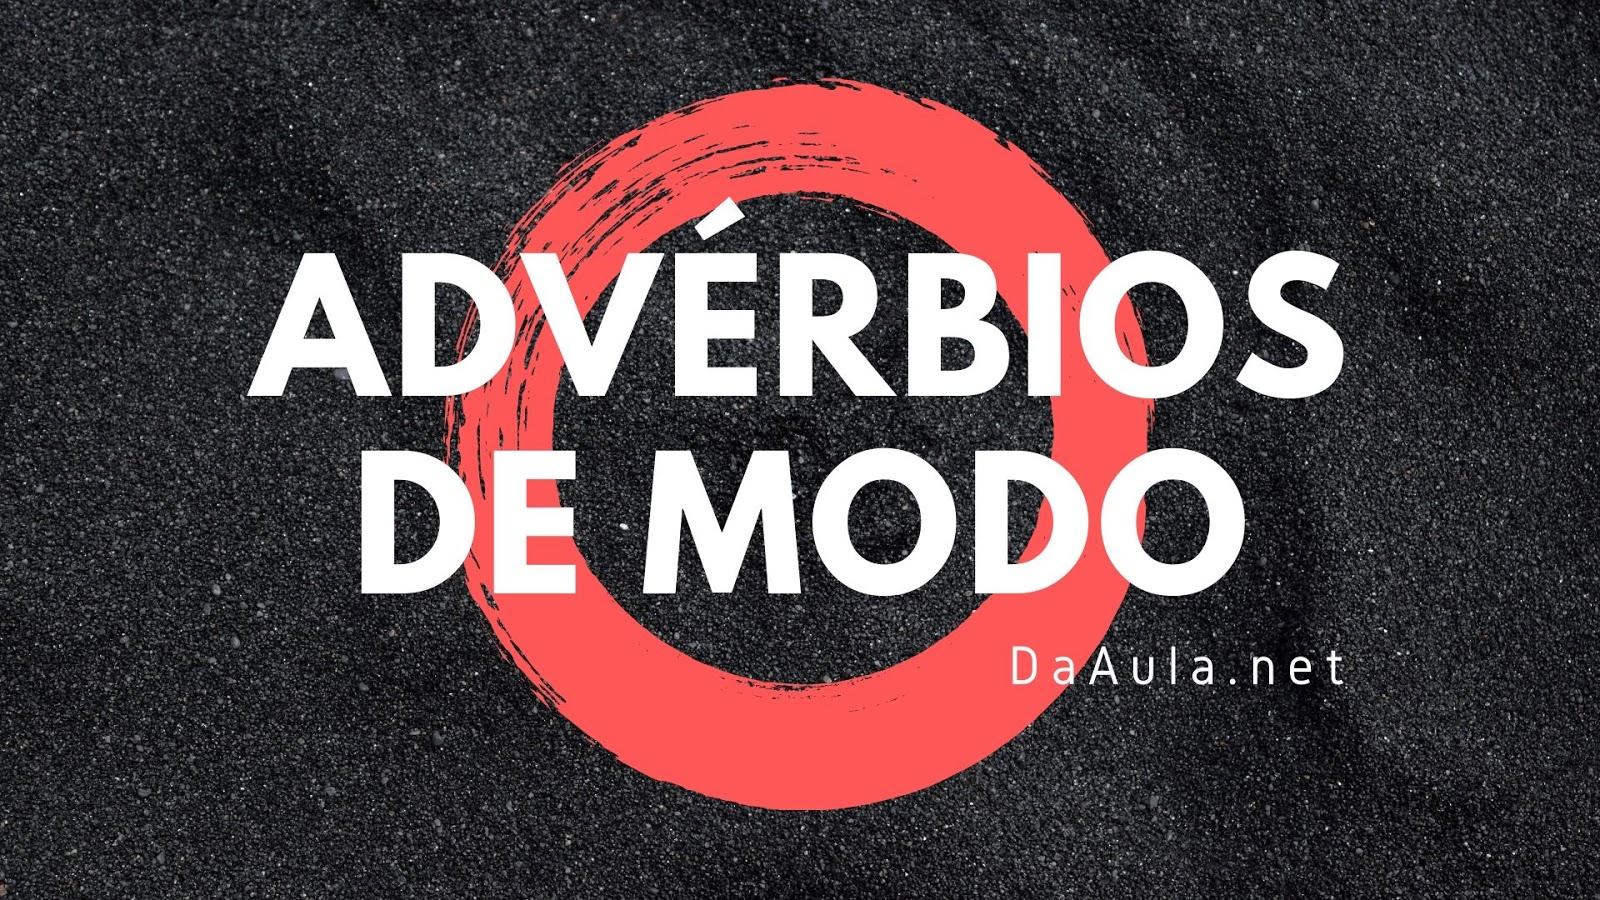 Língua Portuguesa: O que são Advérbios de Modo